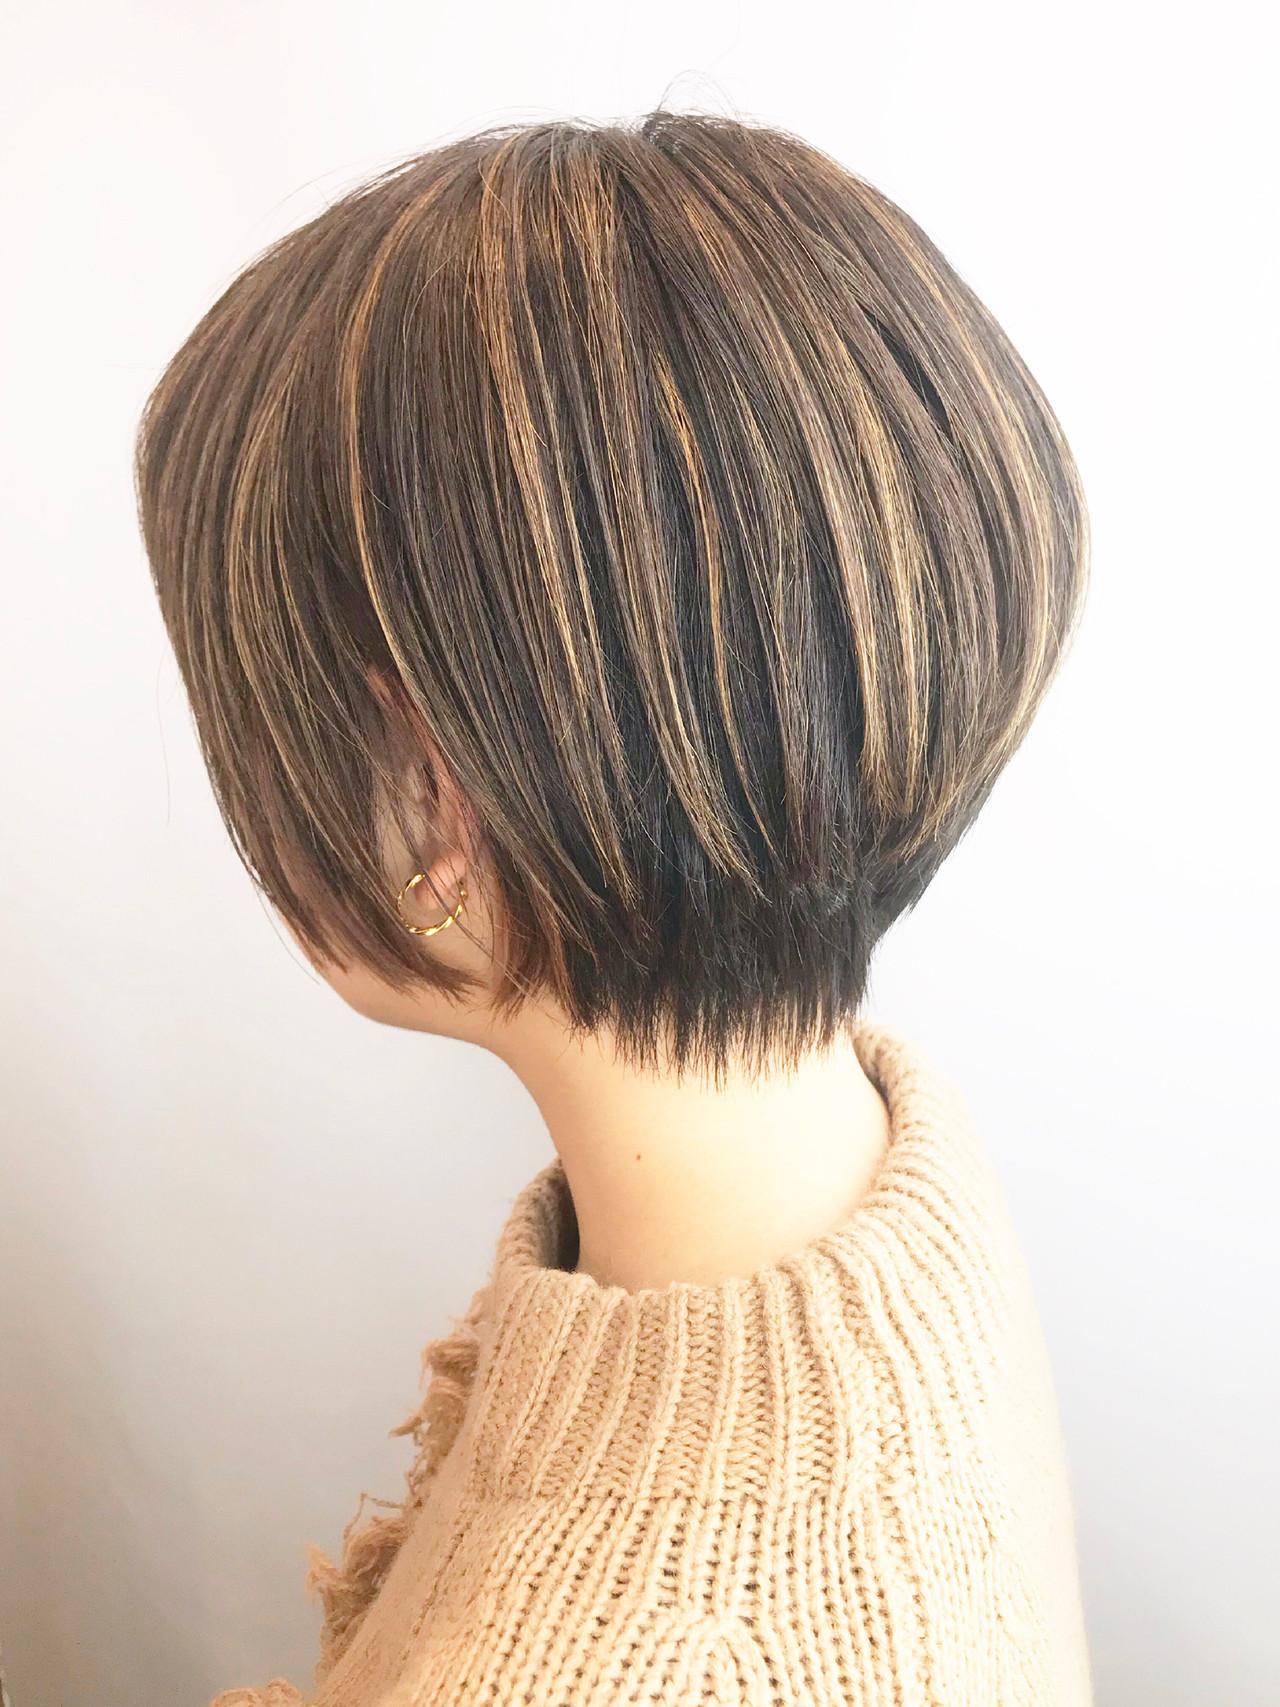 ショート ハンサムショート 小顔ショート ハイライト ヘアスタイルや髪型の写真・画像 | Hiroさん / H+by Airsalon